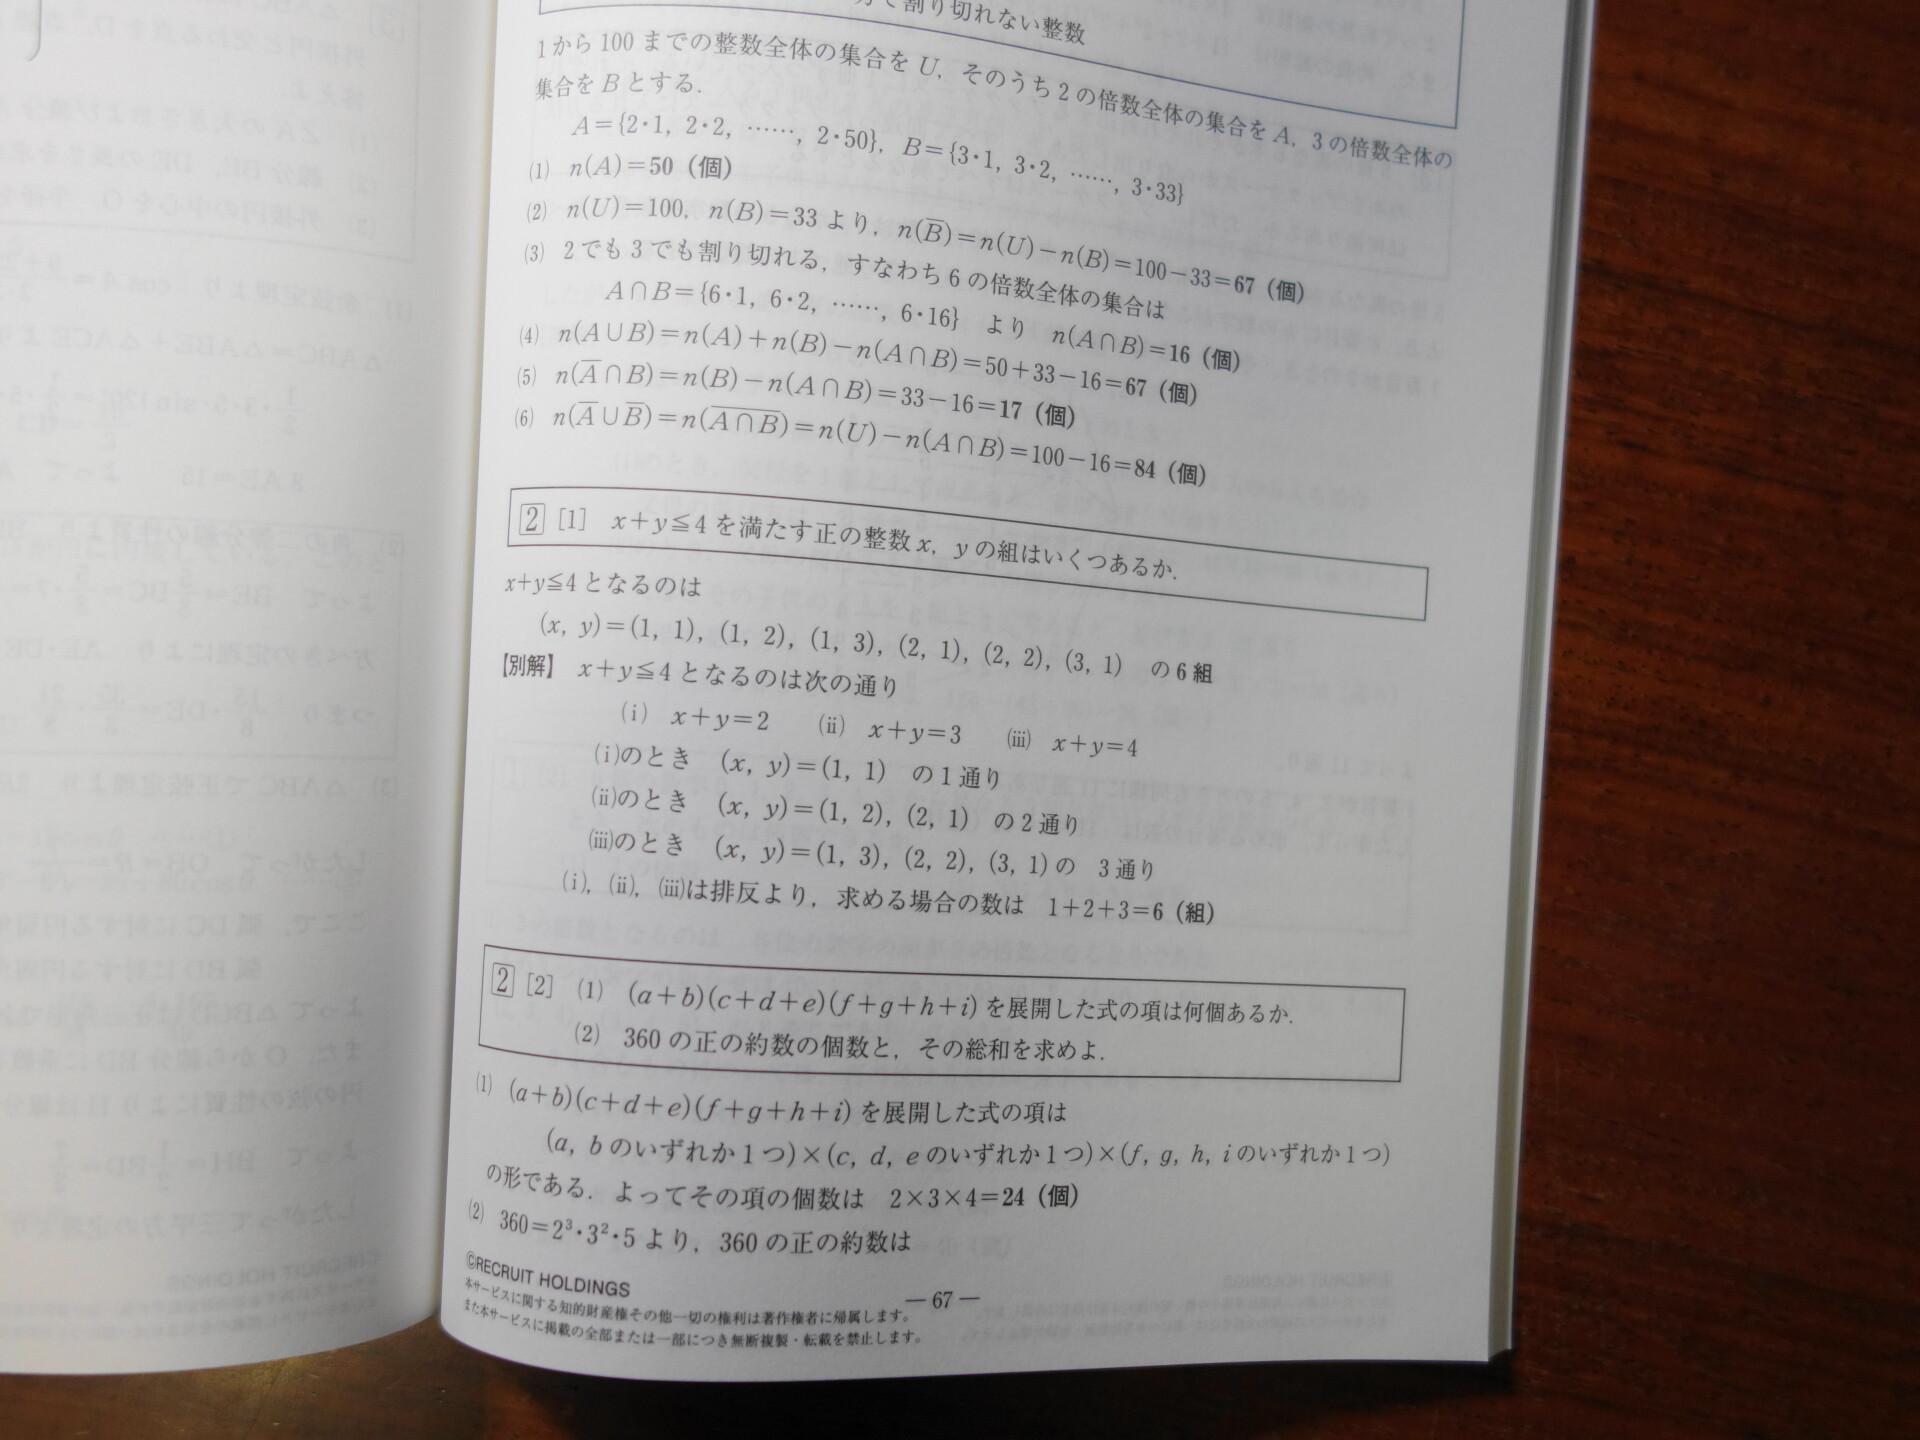 スタサプ数学の解答冊子